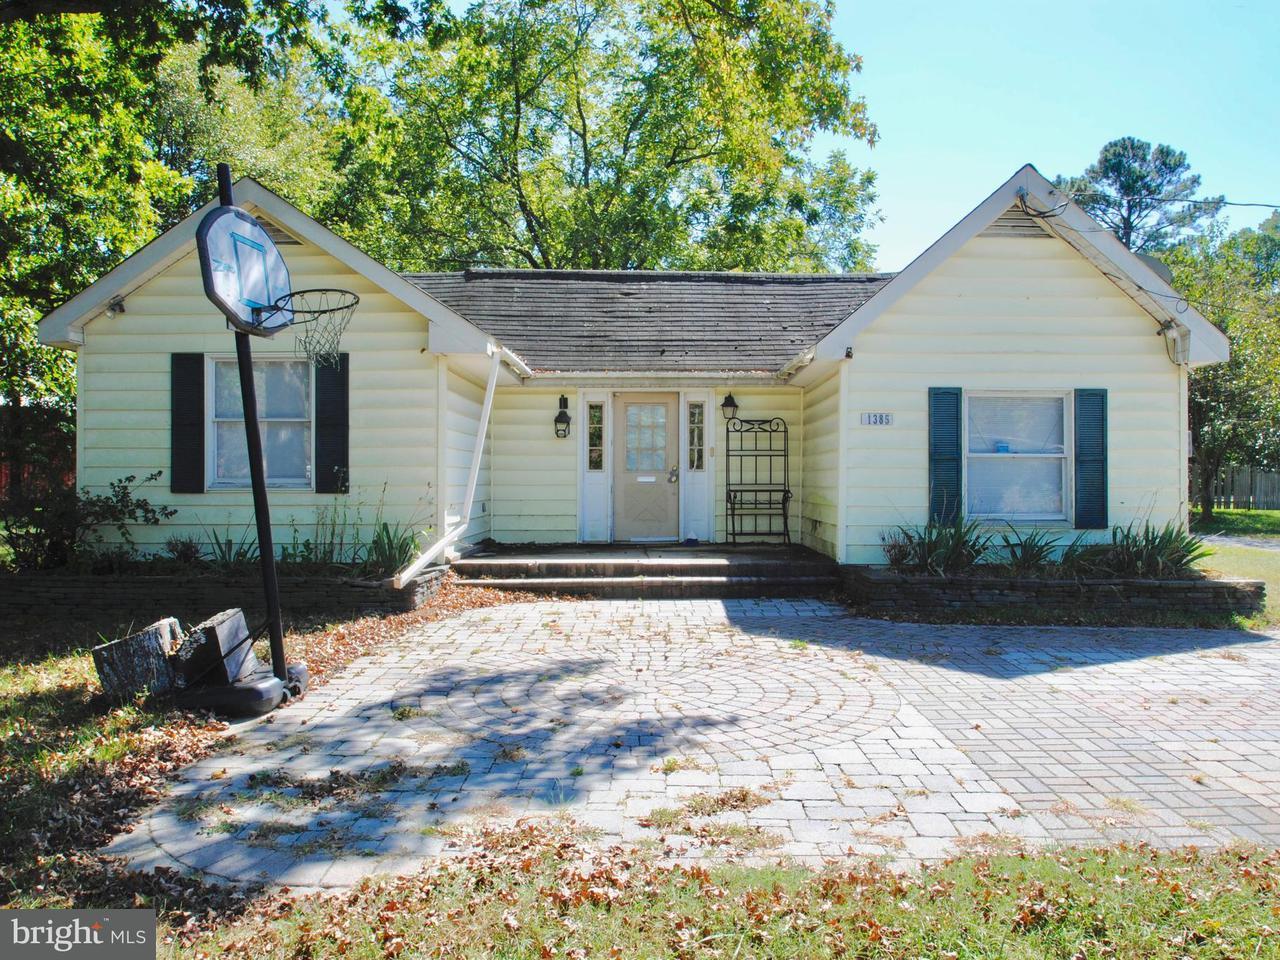 단독 가정 주택 용 매매 에 1387 DEFENSE HWY 1387 DEFENSE HWY Gambrills, 메릴랜드 21054 미국